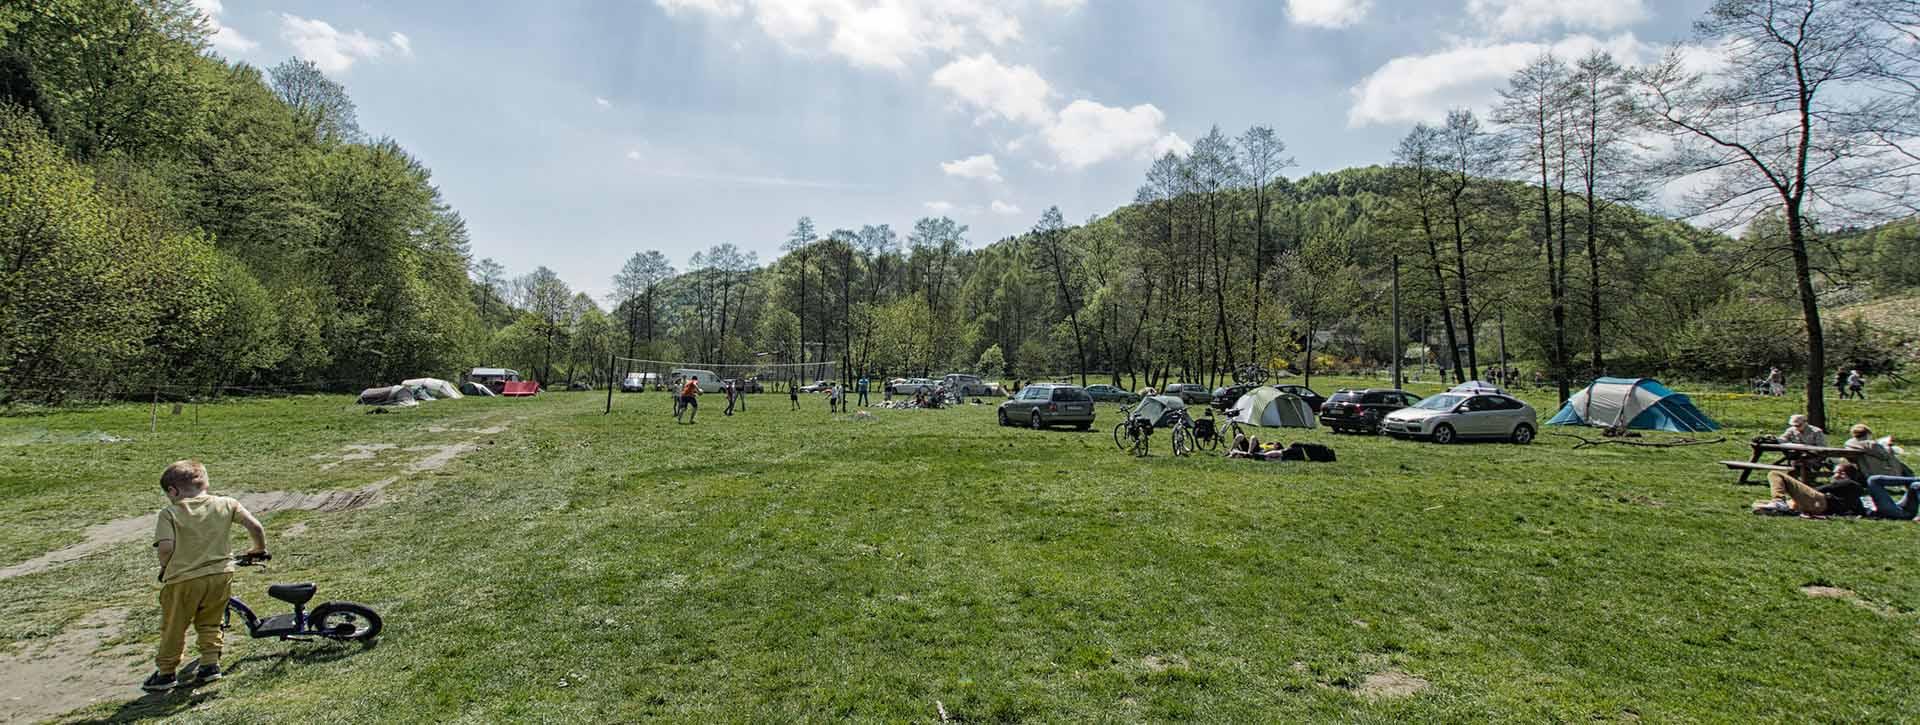 Wgłąb pola campingowego. Restauracja i camping w pobliżu Krakowa.